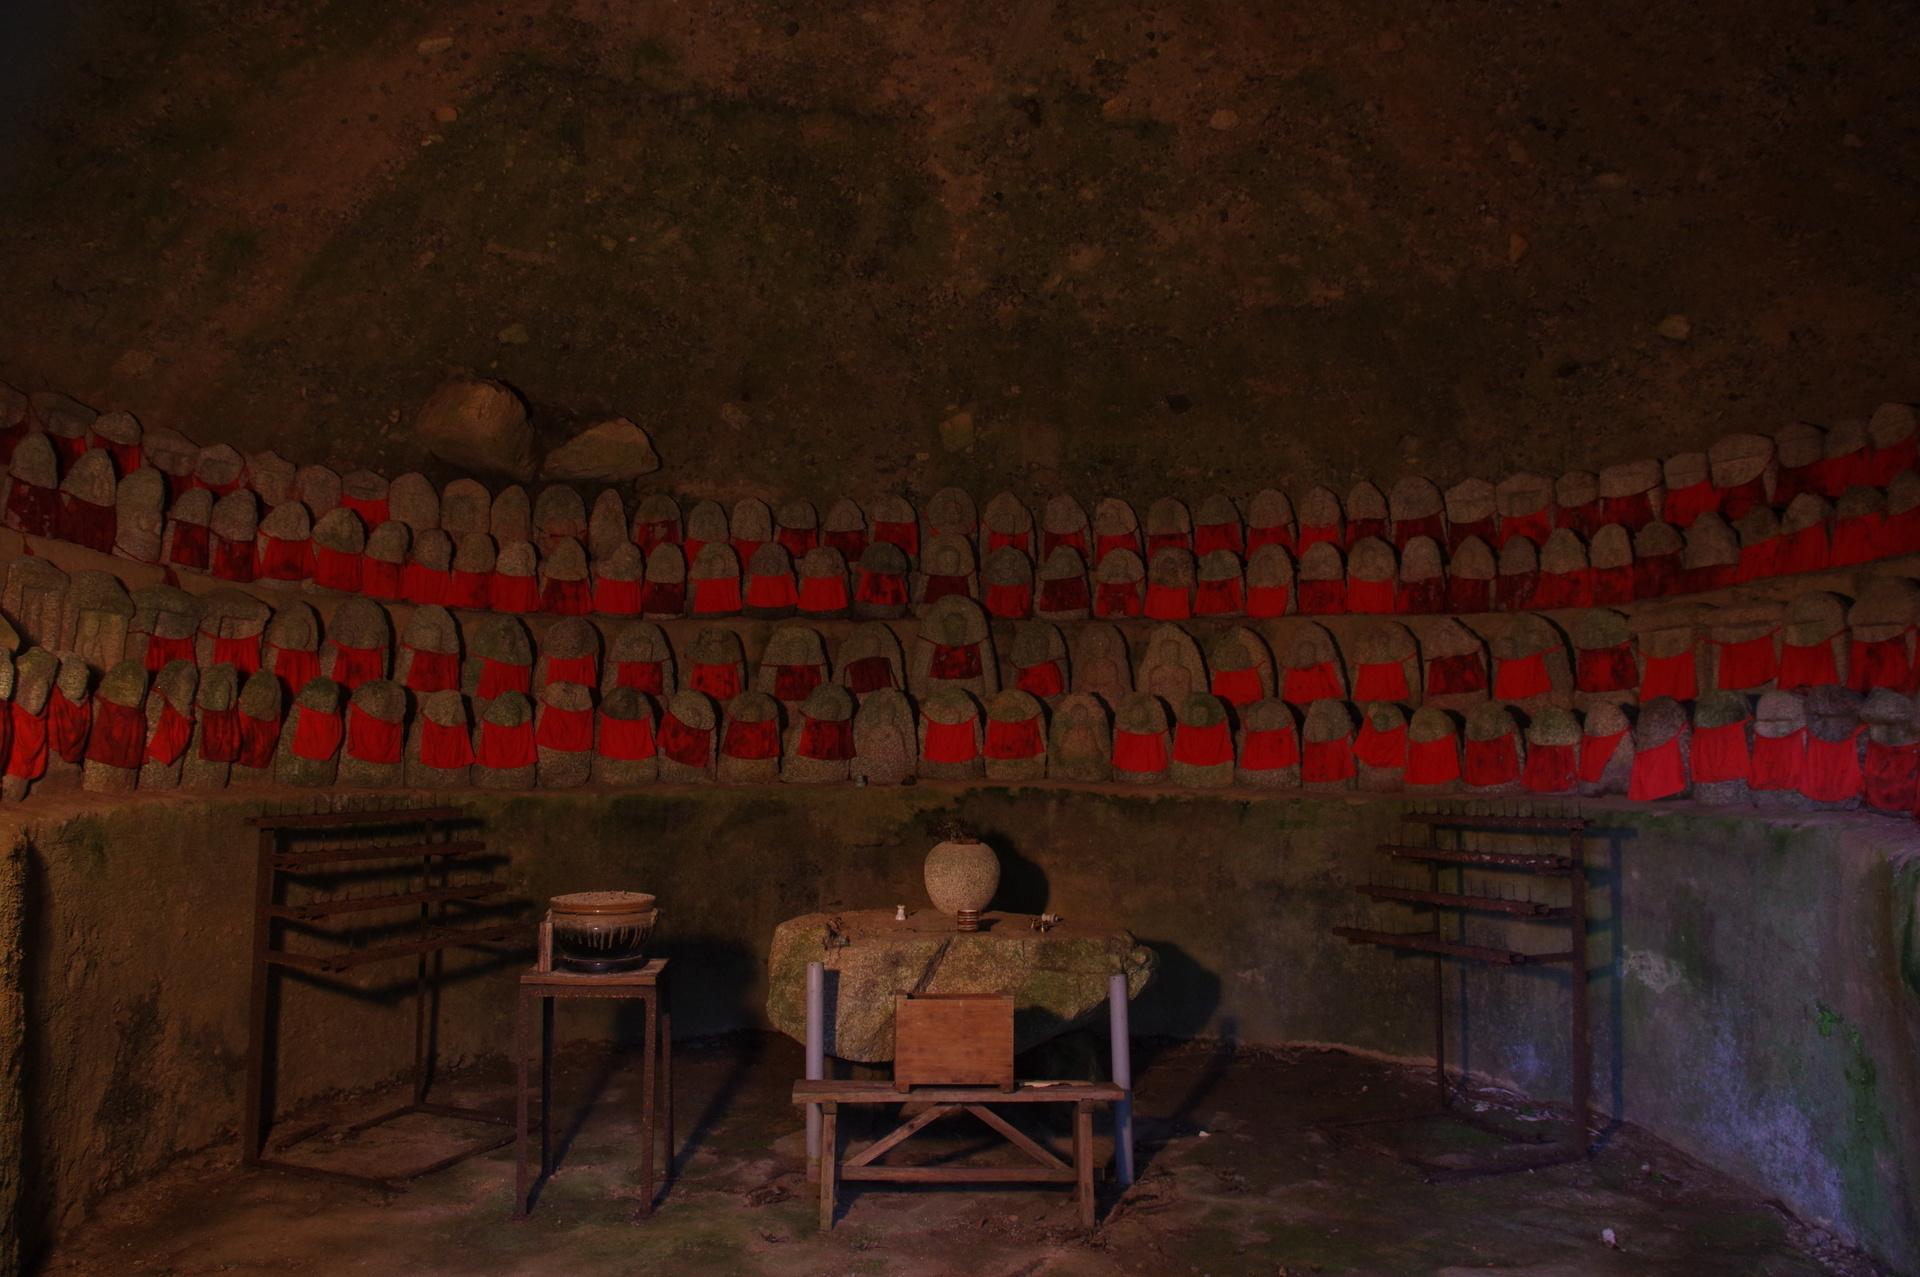 洞窟内に並ぶお地蔵様